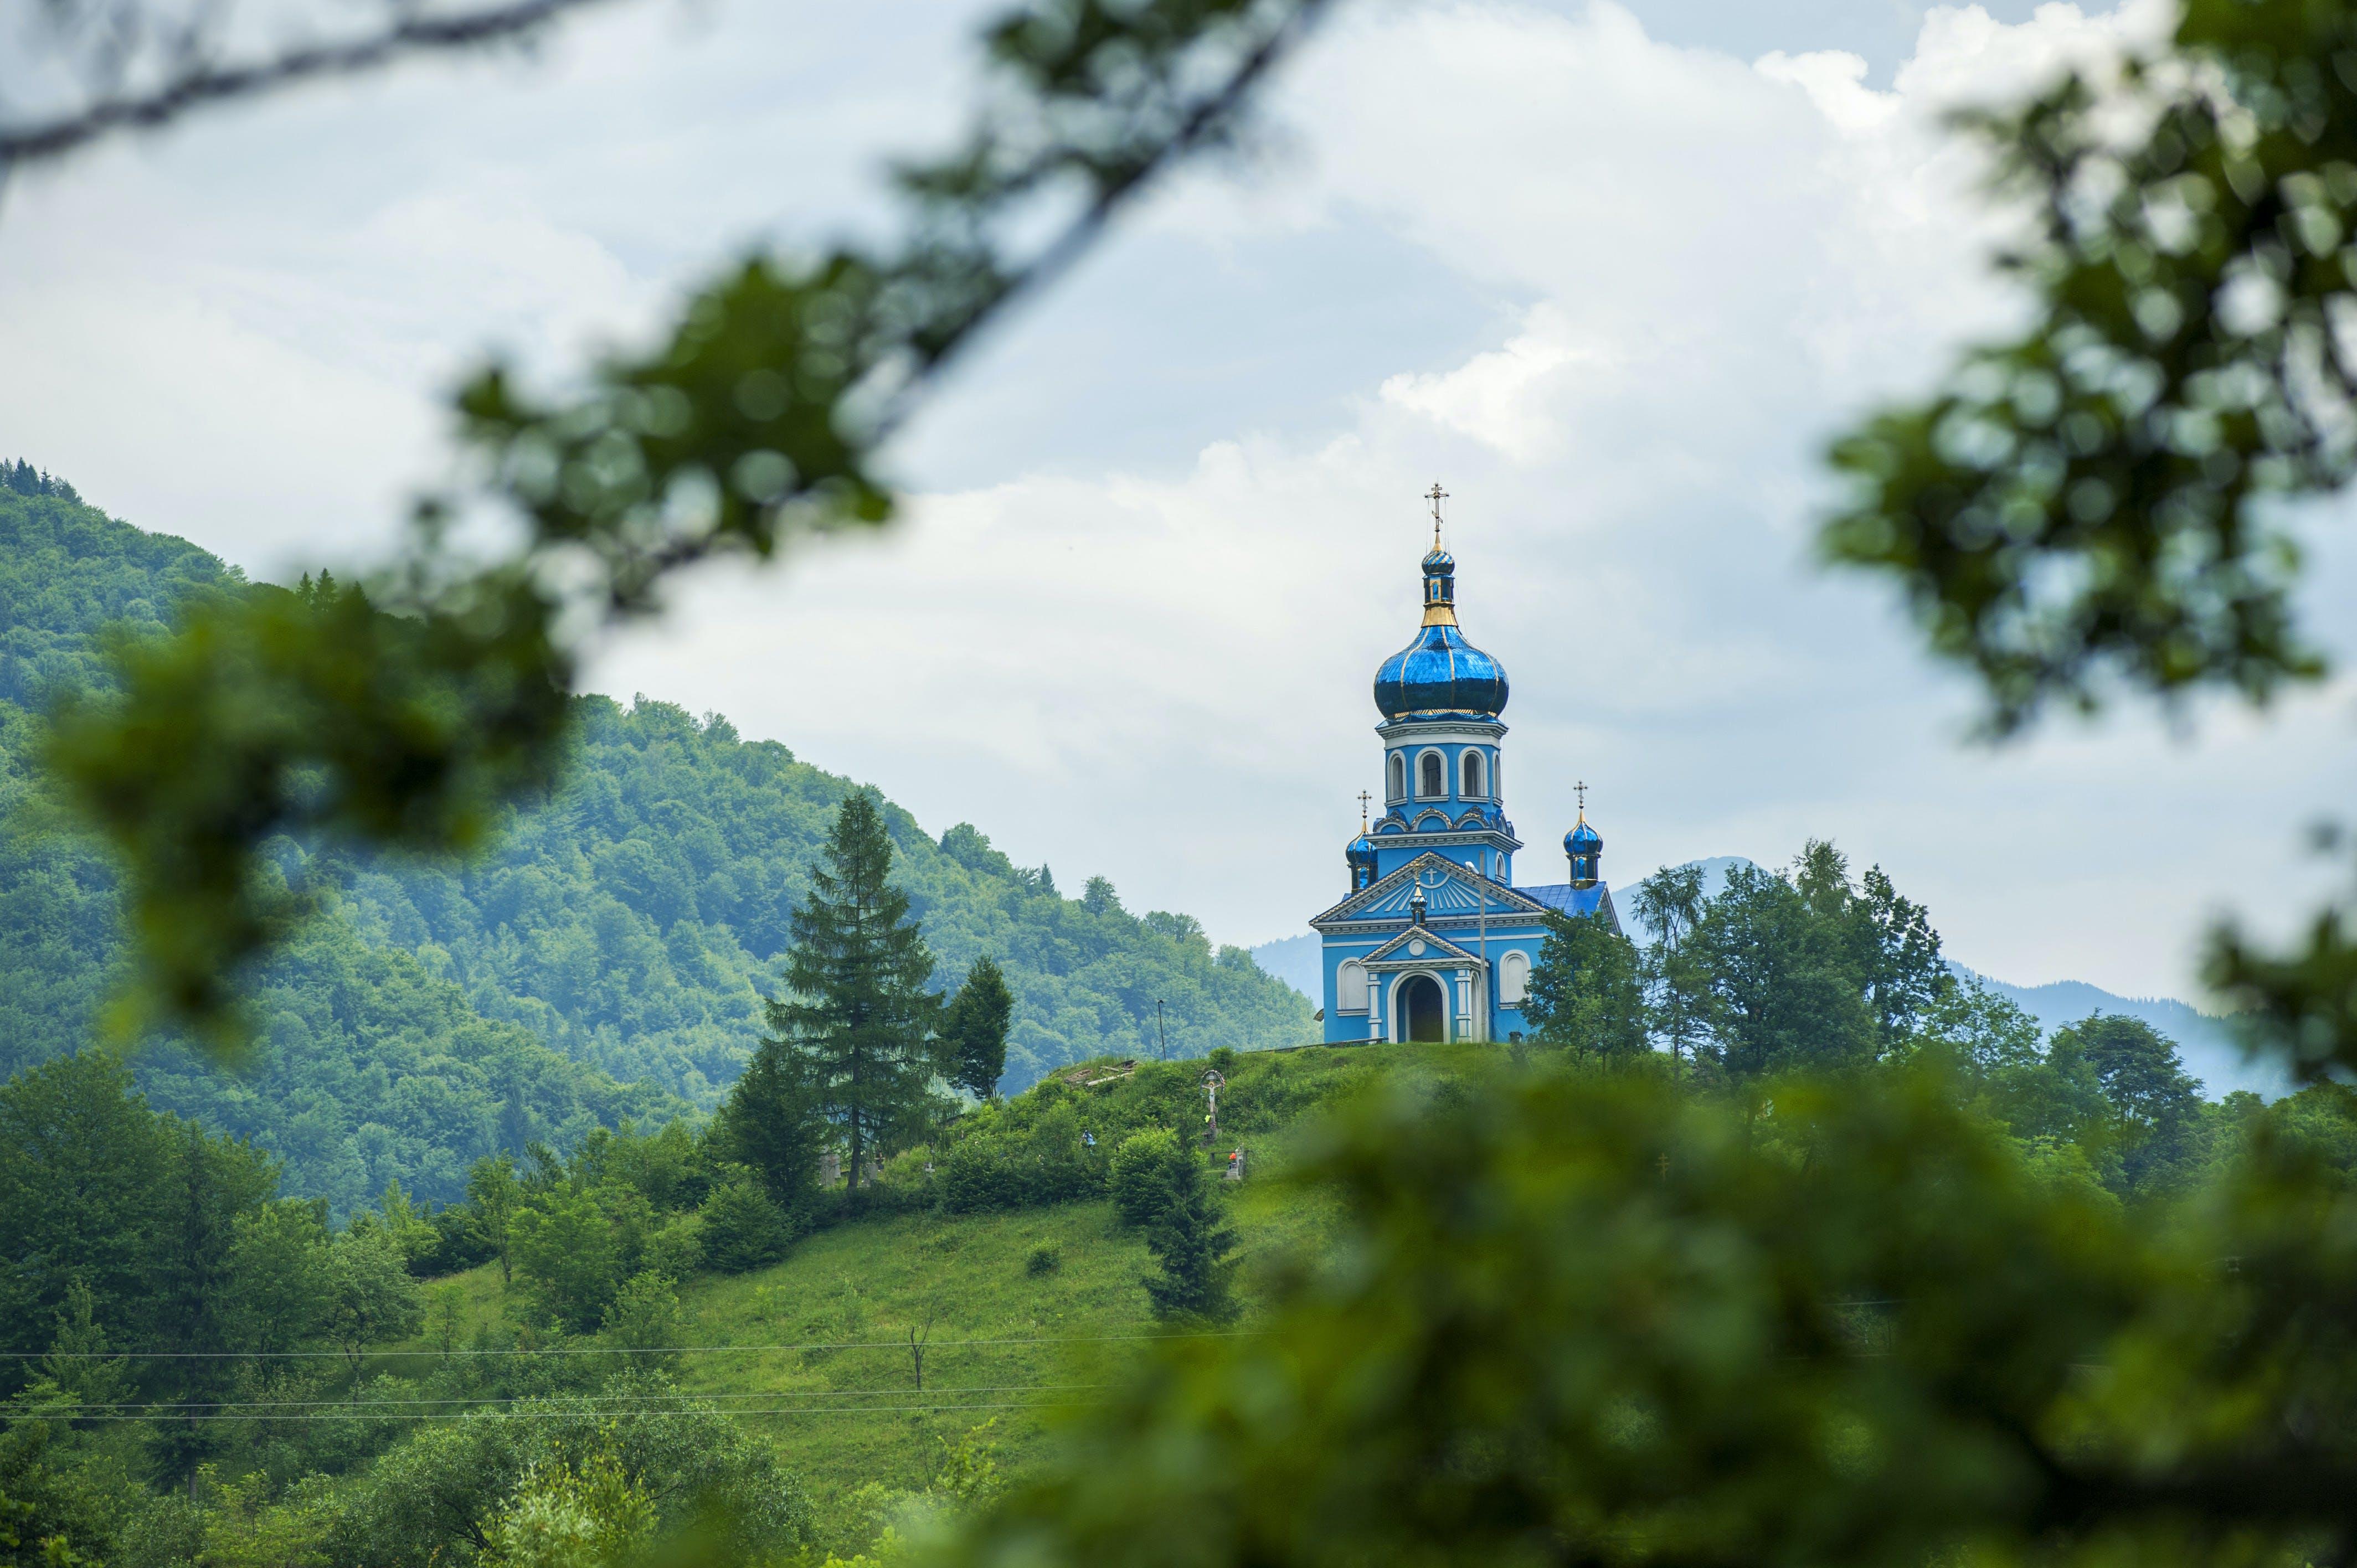 Immagine gratuita di architettura, cattedrale, cupola, edificio